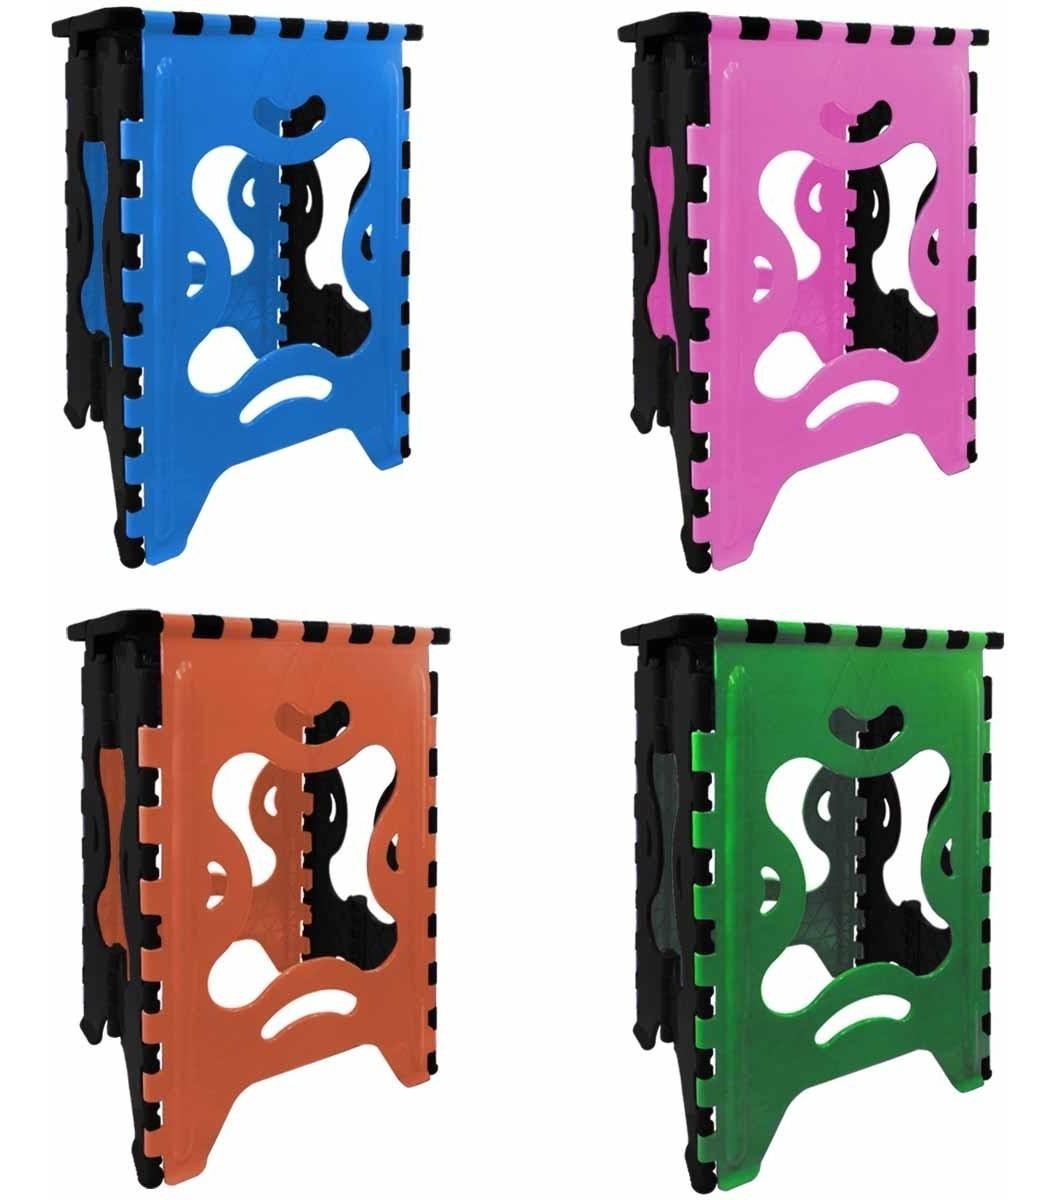 Juego 4 Bancos Plegable Plastico 120 Kg Colores Envio Gratis